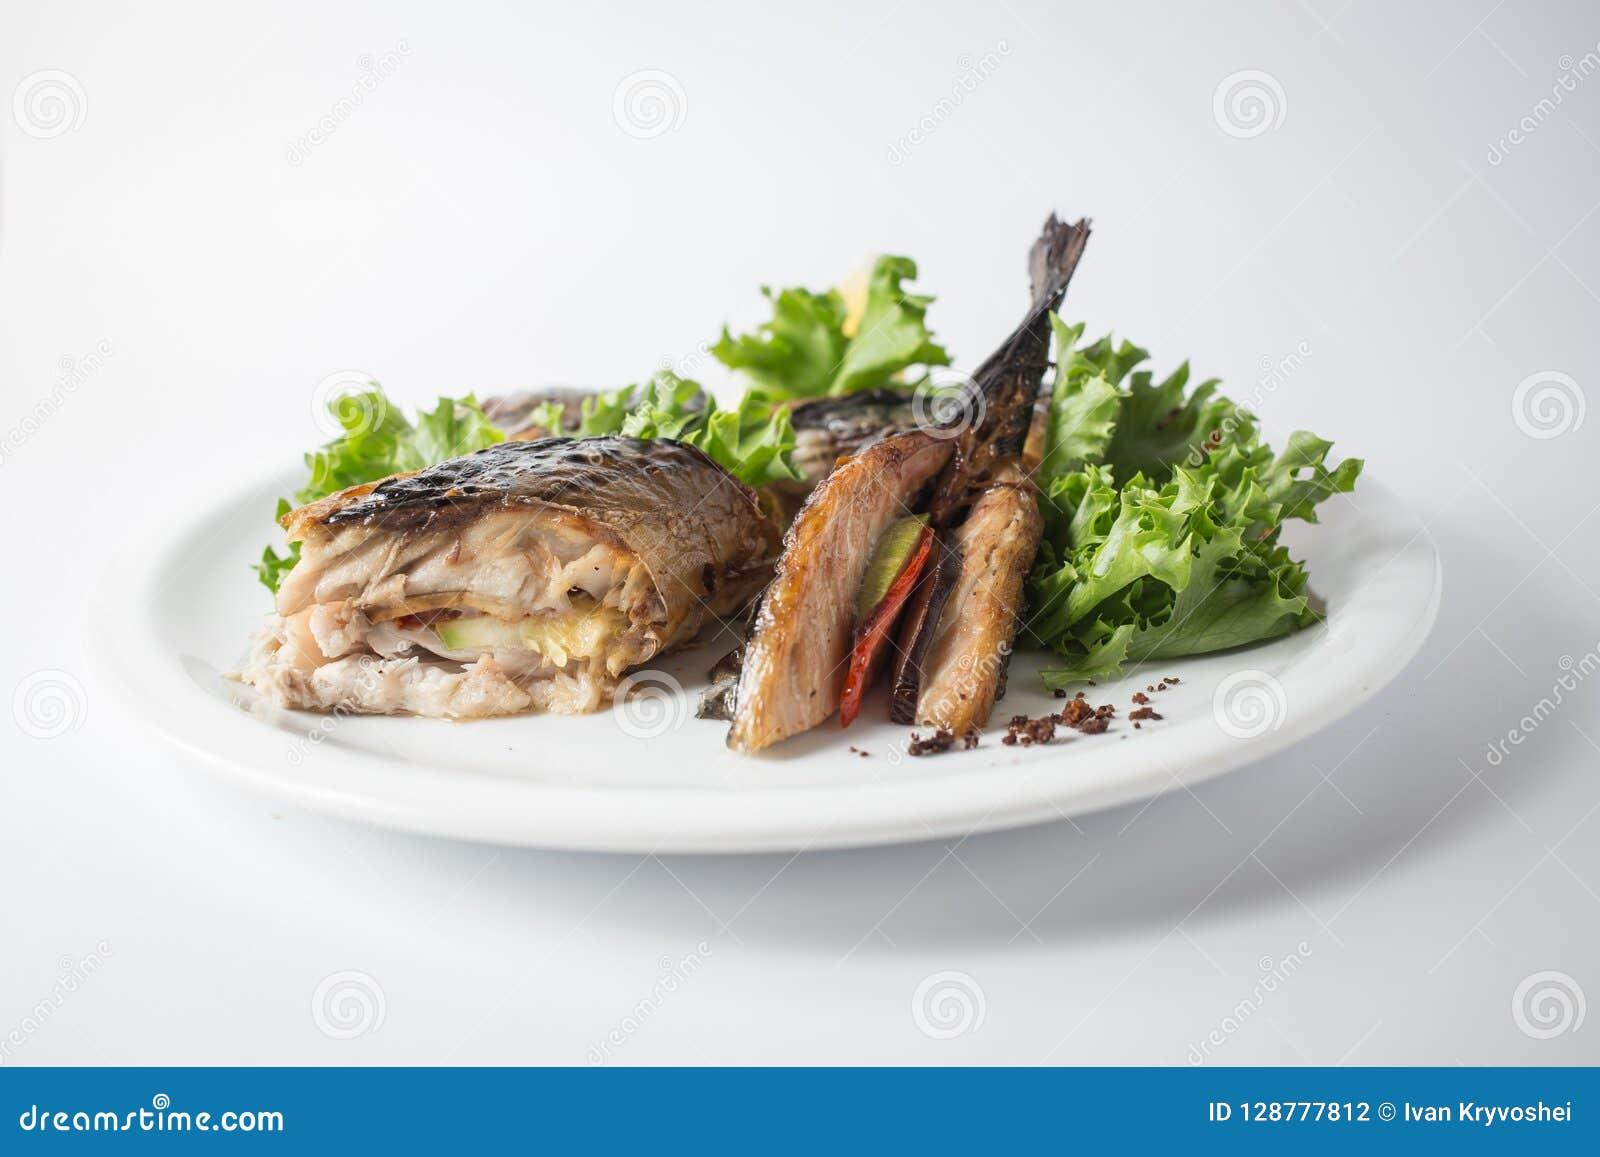 Ψημένο σκουμπρί με την πράσινη σαλάτα και λεμόνι στο άσπρο πιάτο